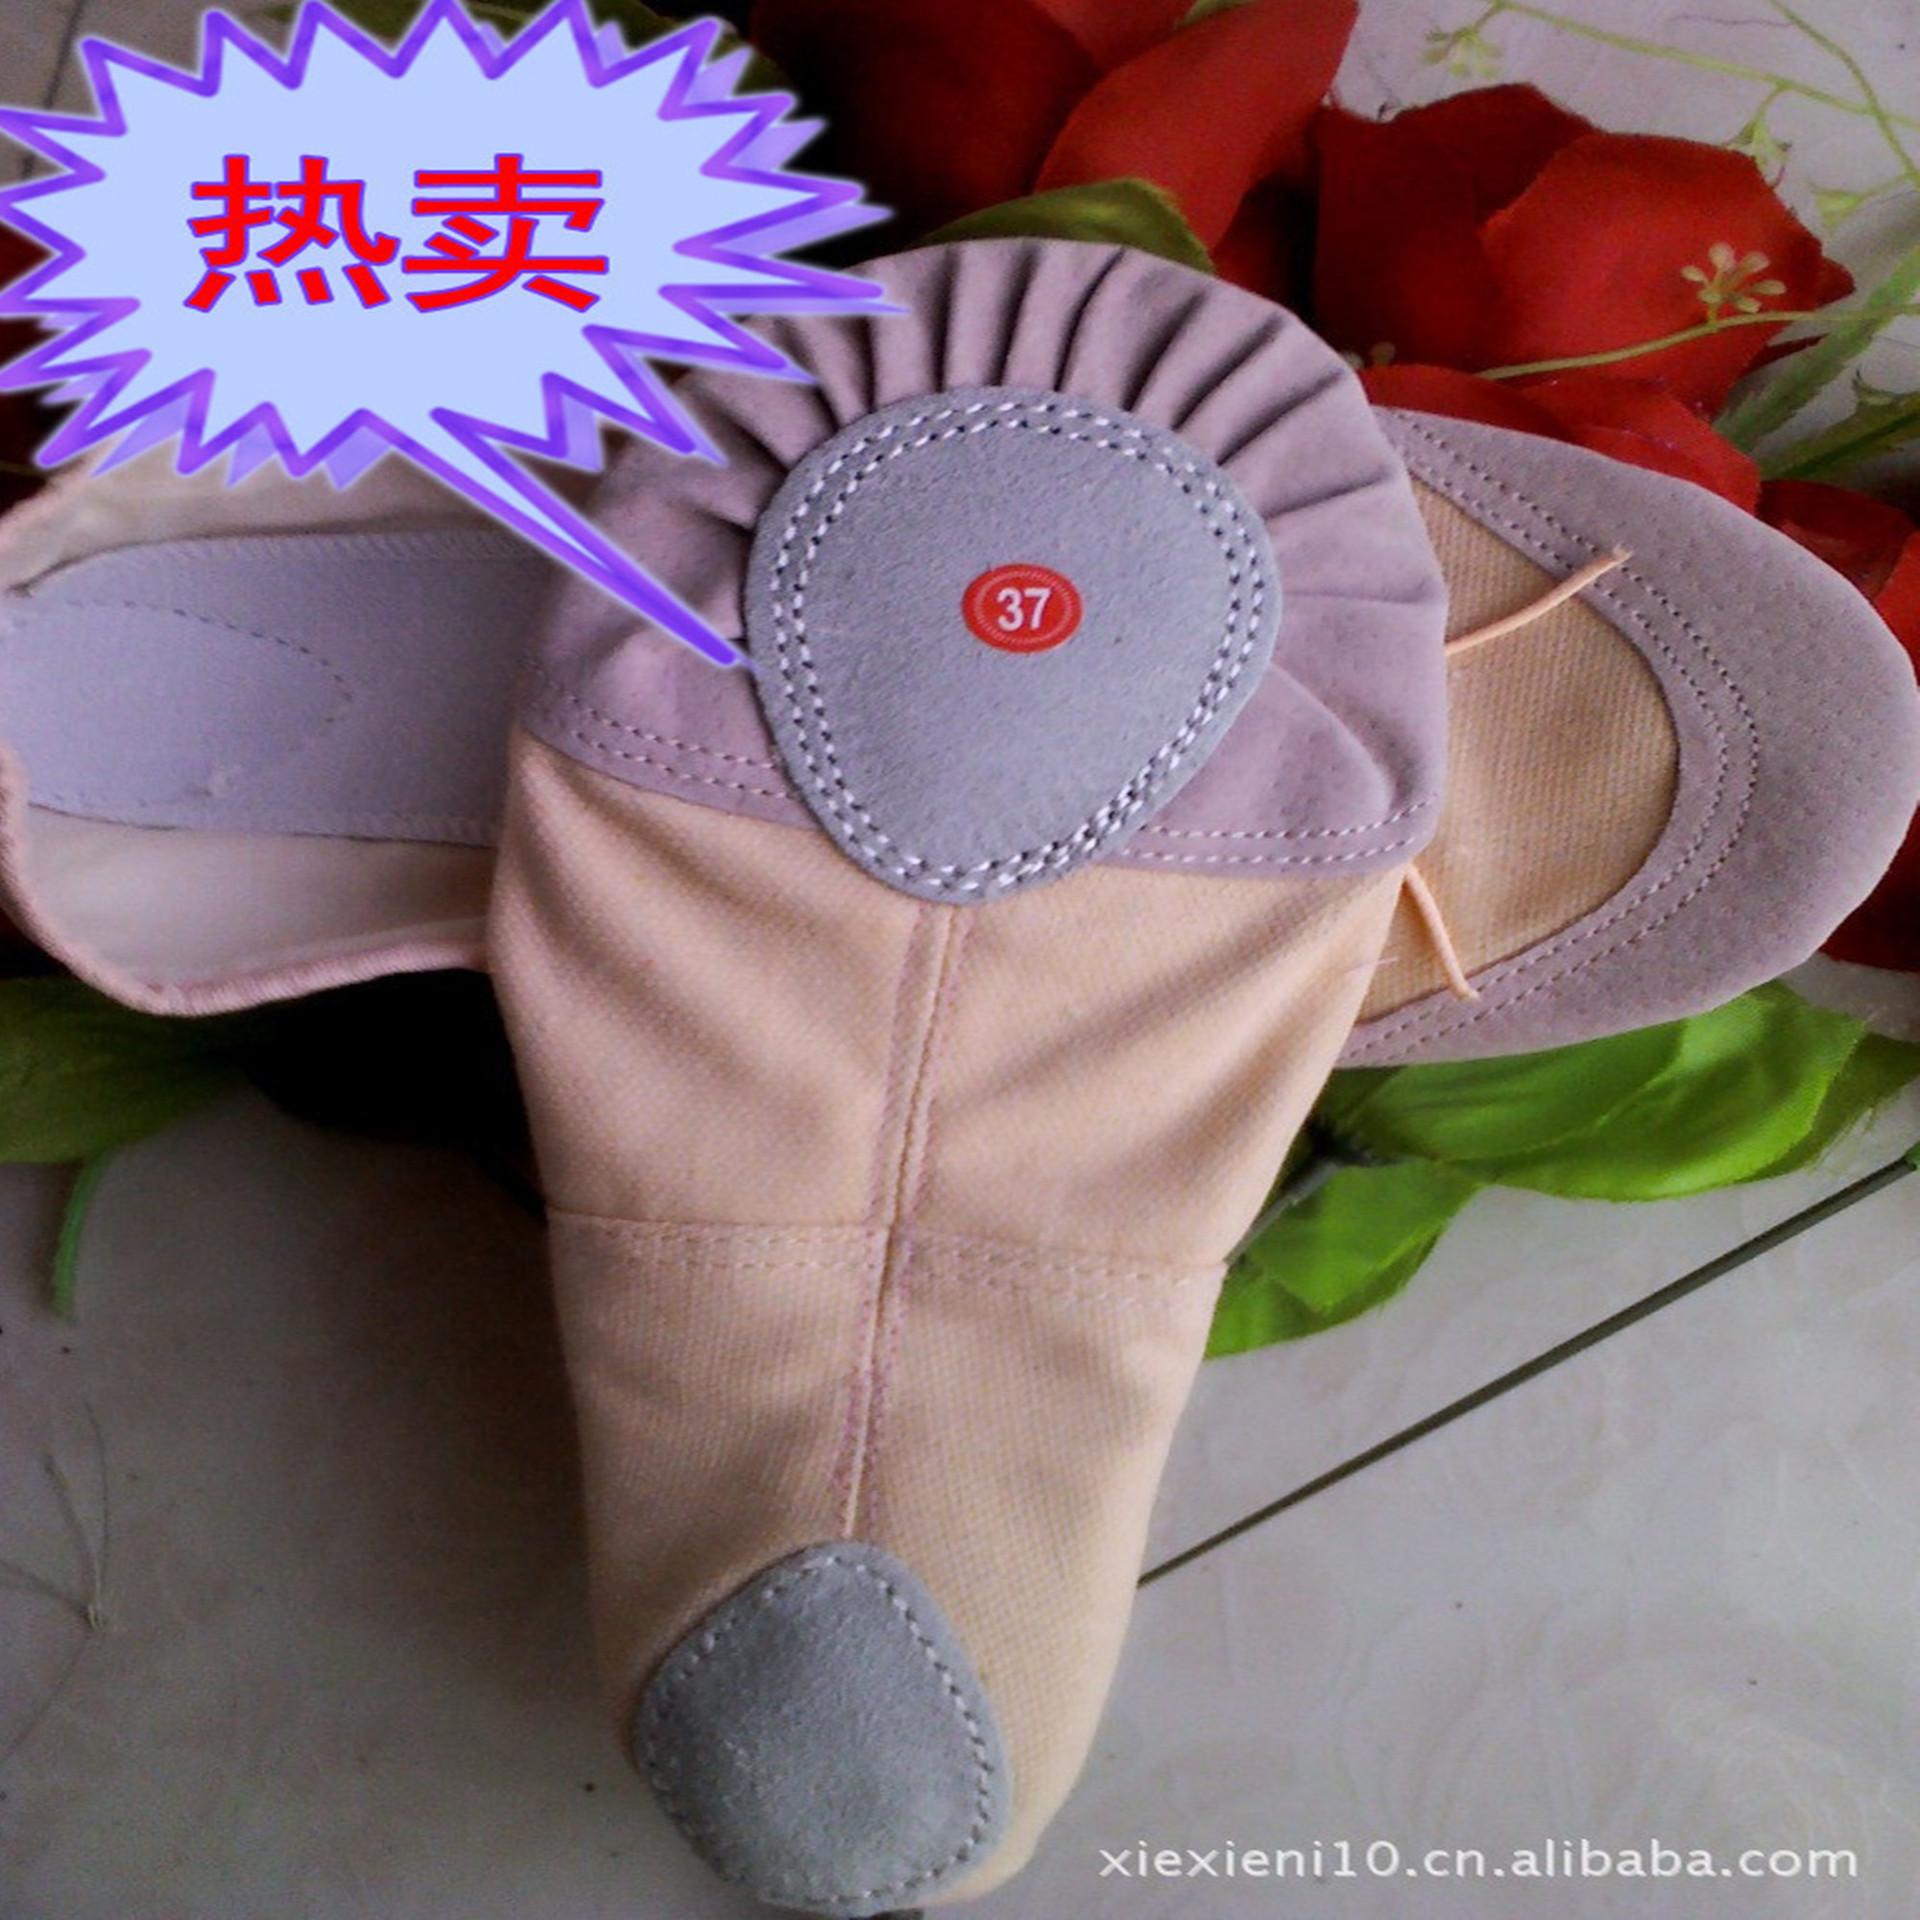 仙舞儿童舞蹈鞋芭蕾舞蹈鞋软底练功鞋成人猫爪鞋幼儿芭蕾舞鞋